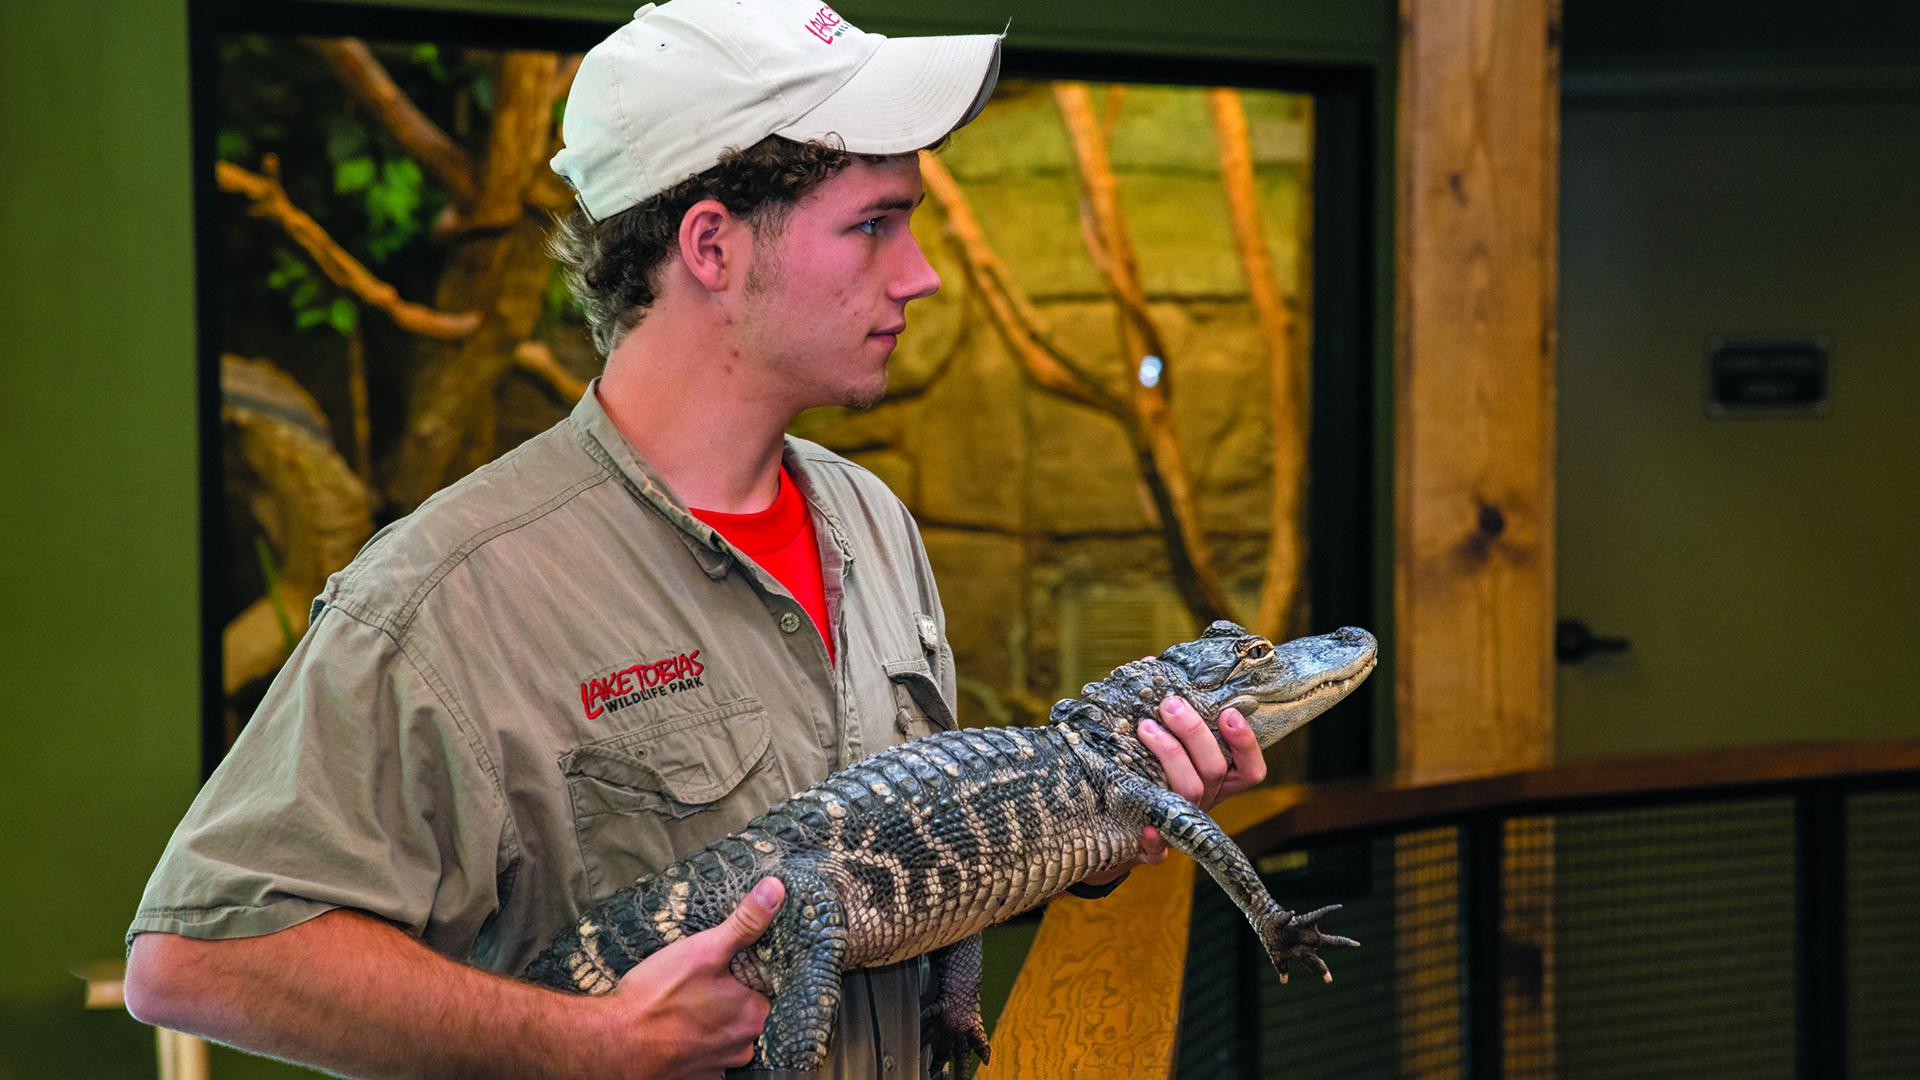 Park guide holding reptile at Lake Tobias Wildlife Park Reptiles & Exotics exhibit